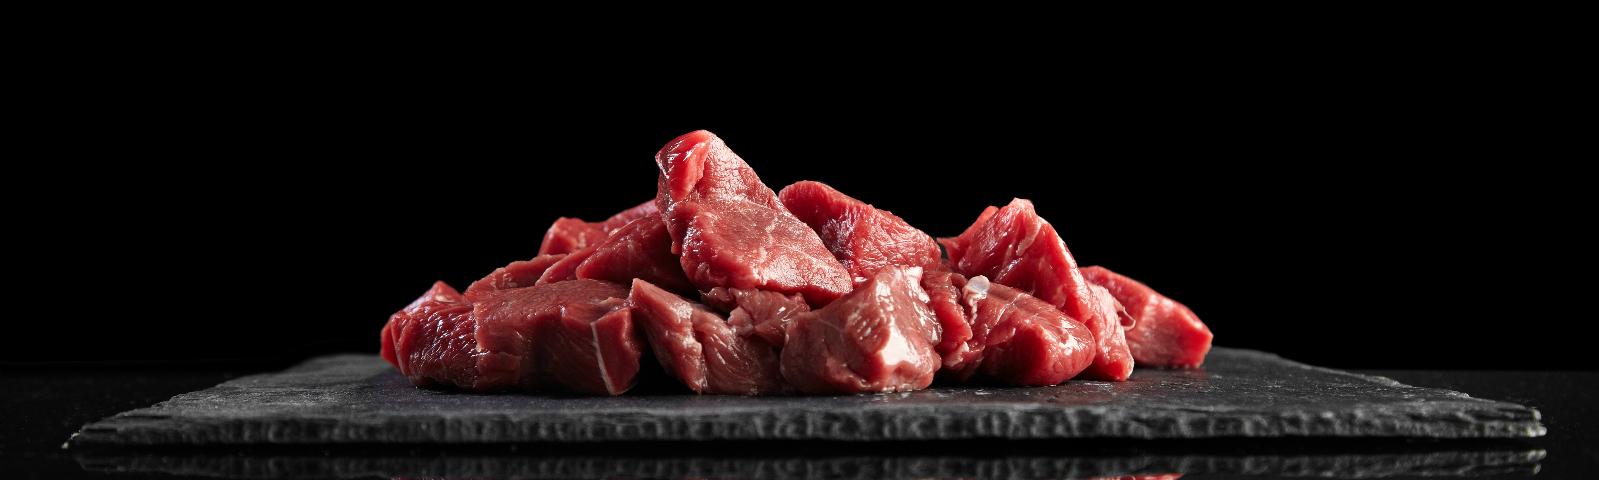 Fleisch frisch - Kalb